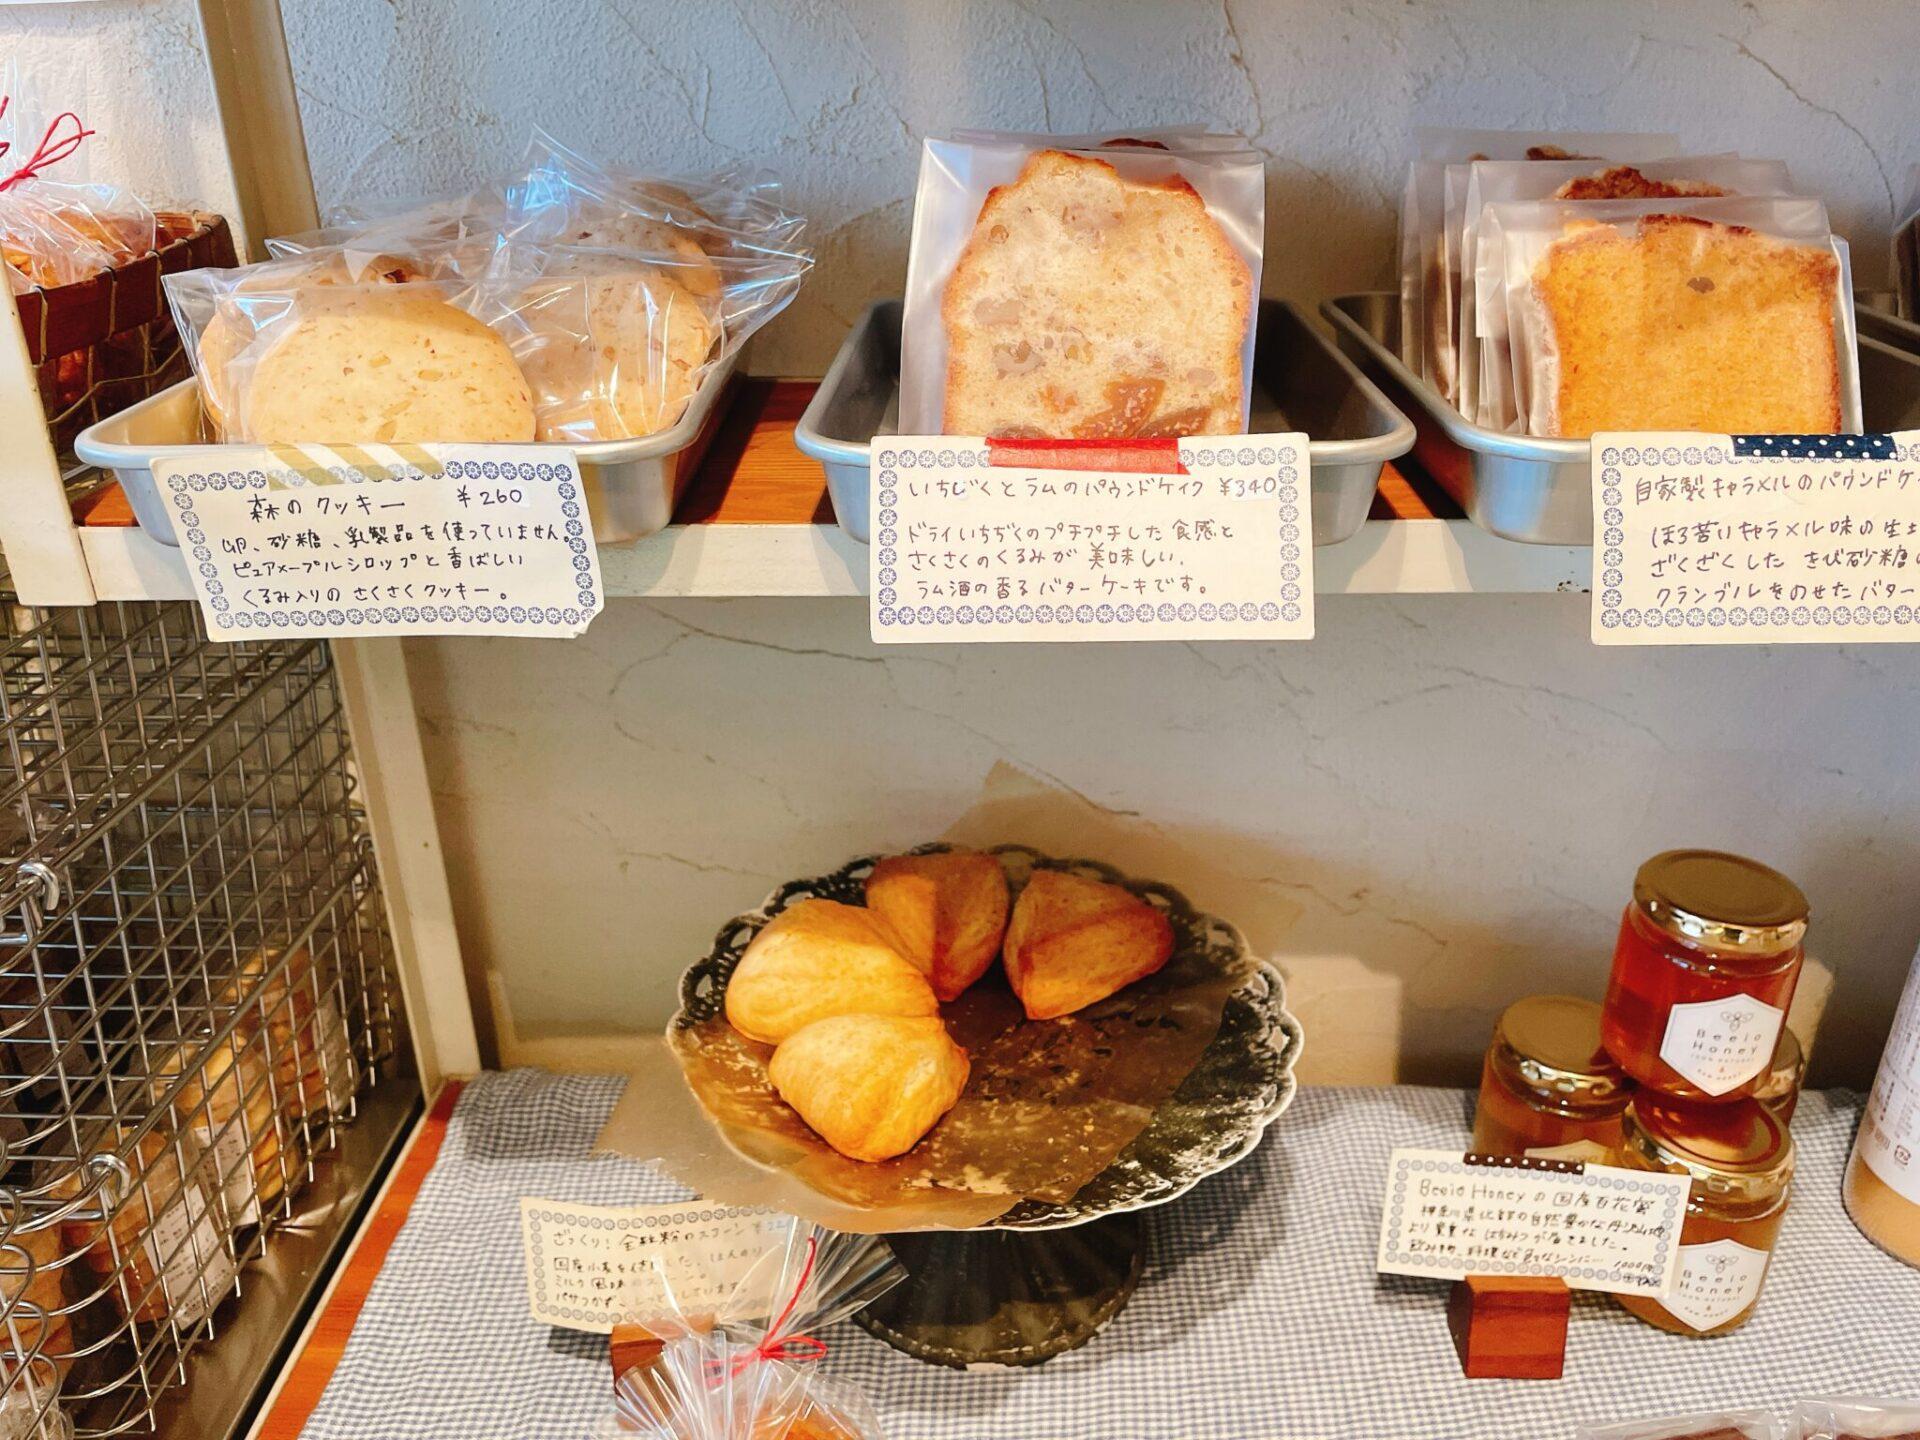 ヨウケル舎の焼き菓子・クッキー・スコーン